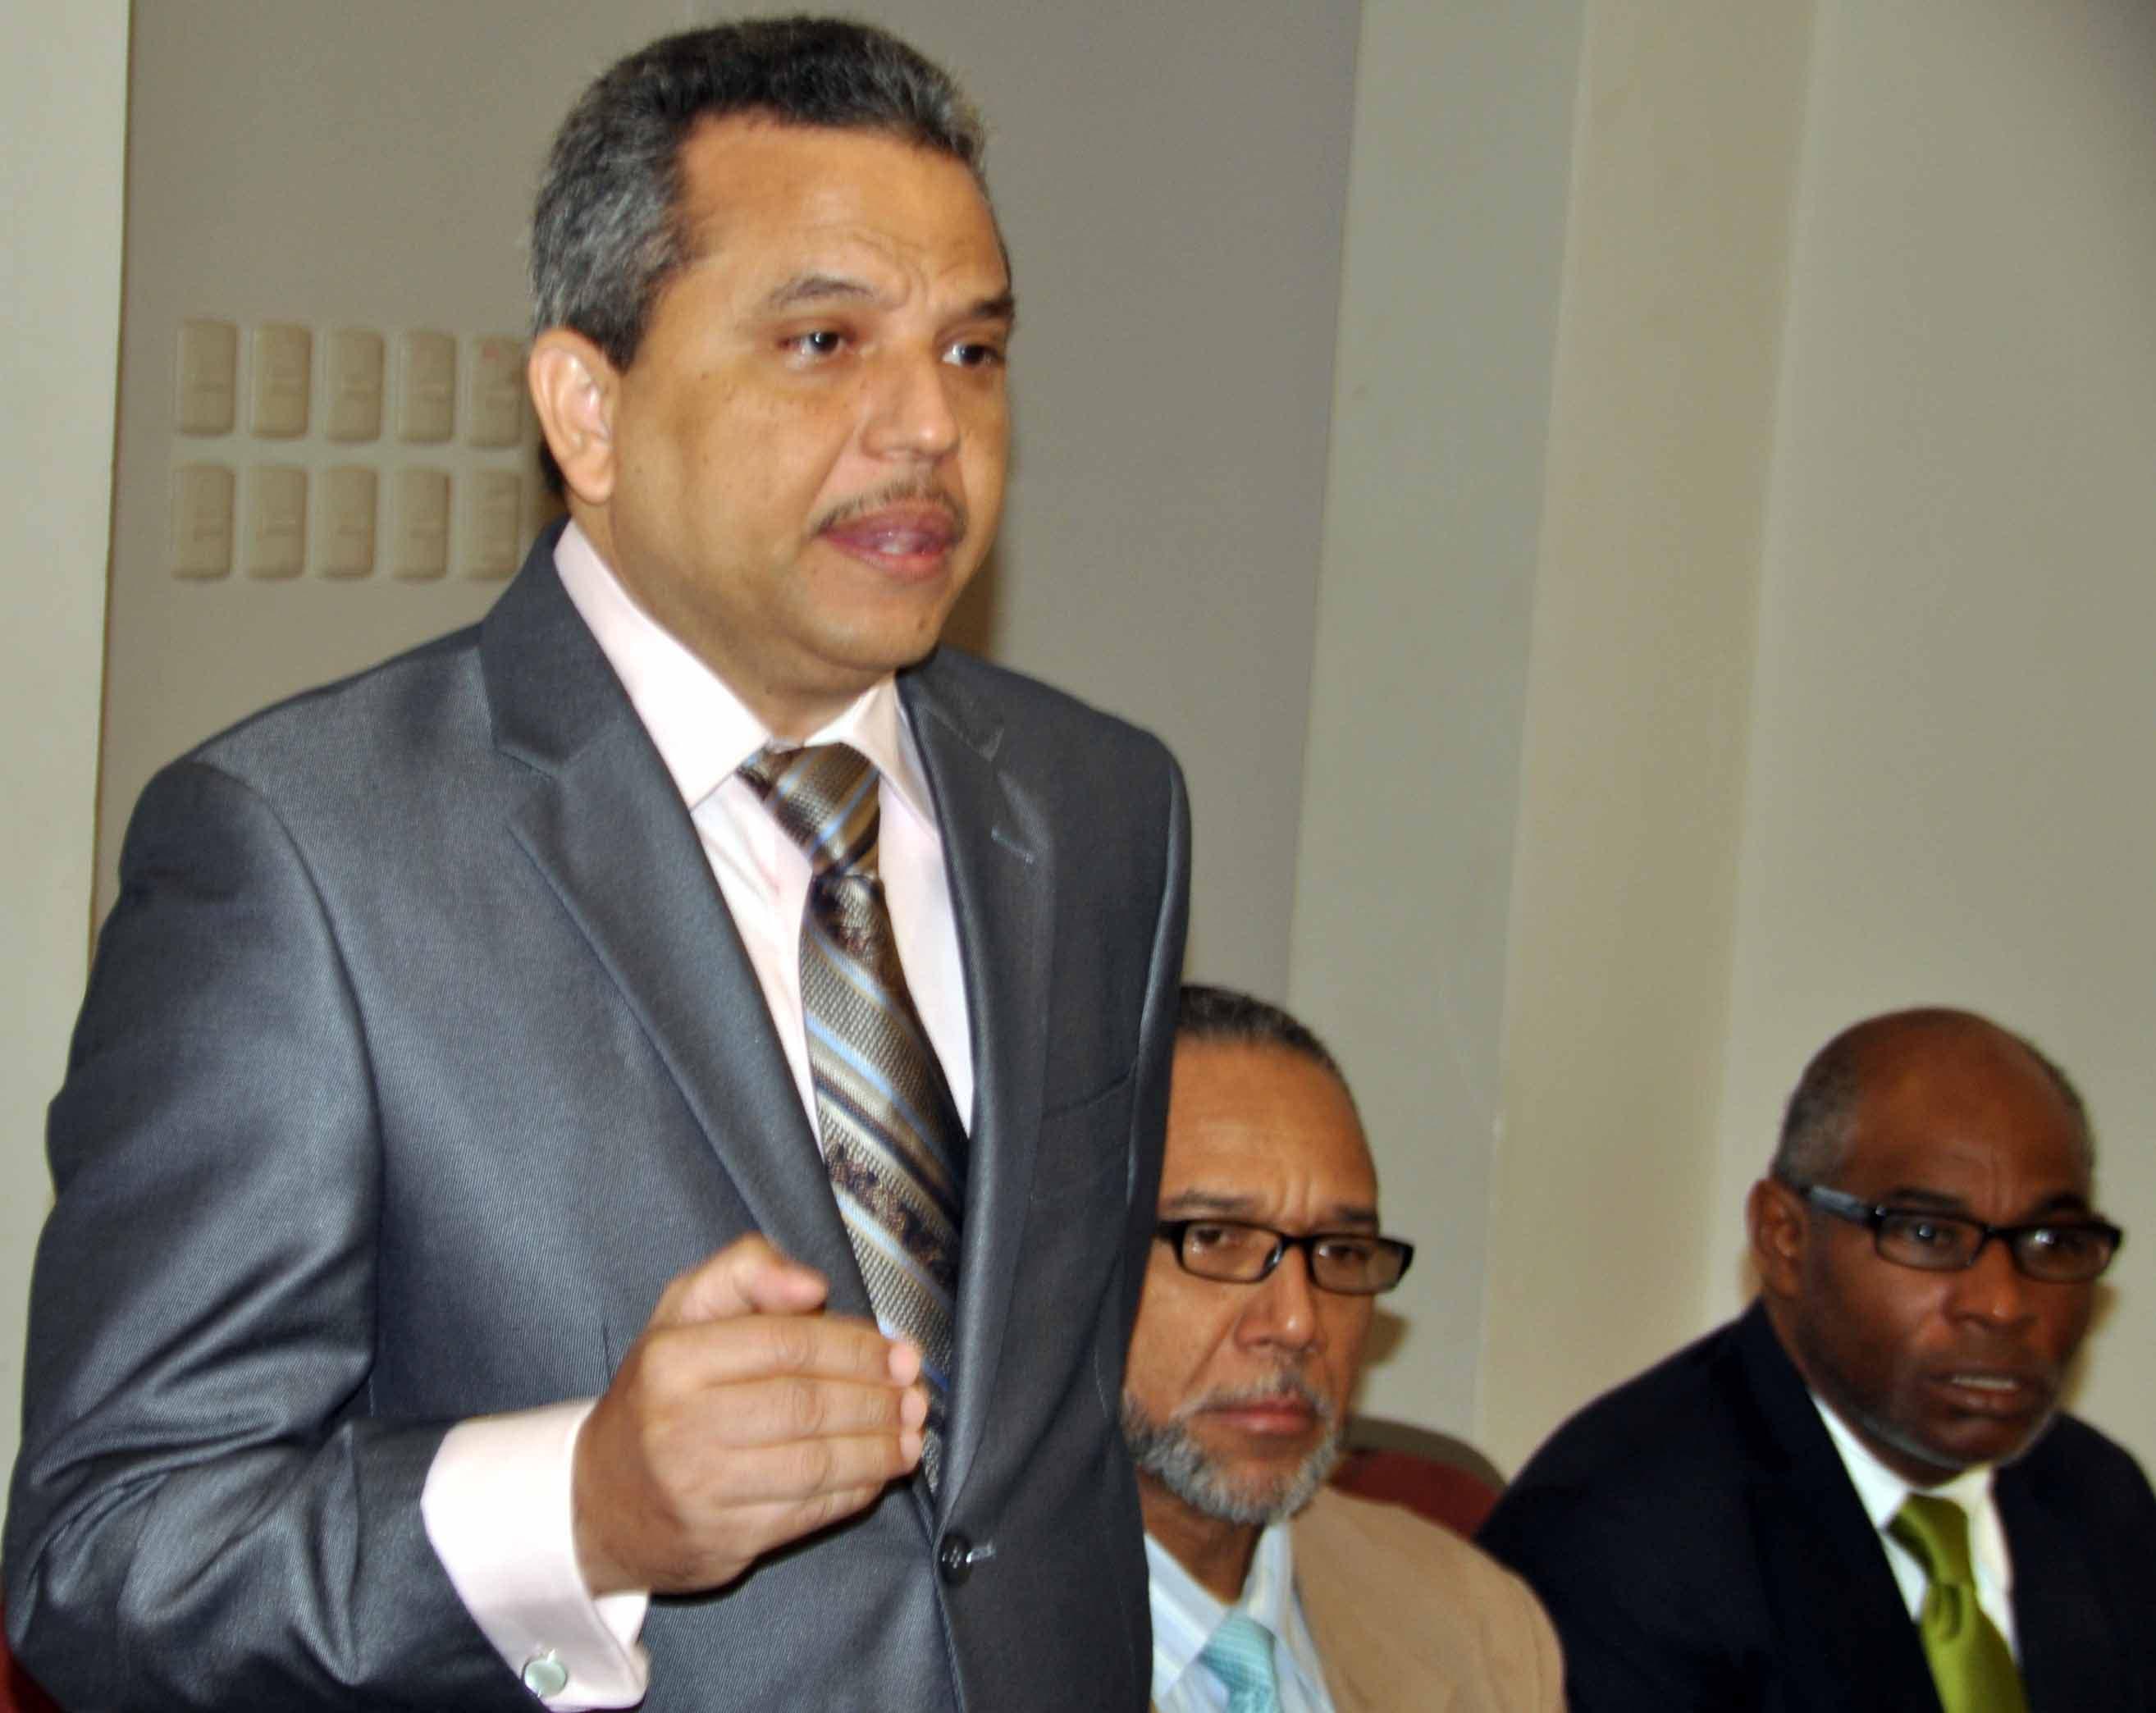 Fidel Santana, del Frente Amplio, asegura habrá segunda vuelta; dice Fadul debe ir al psiquiatra